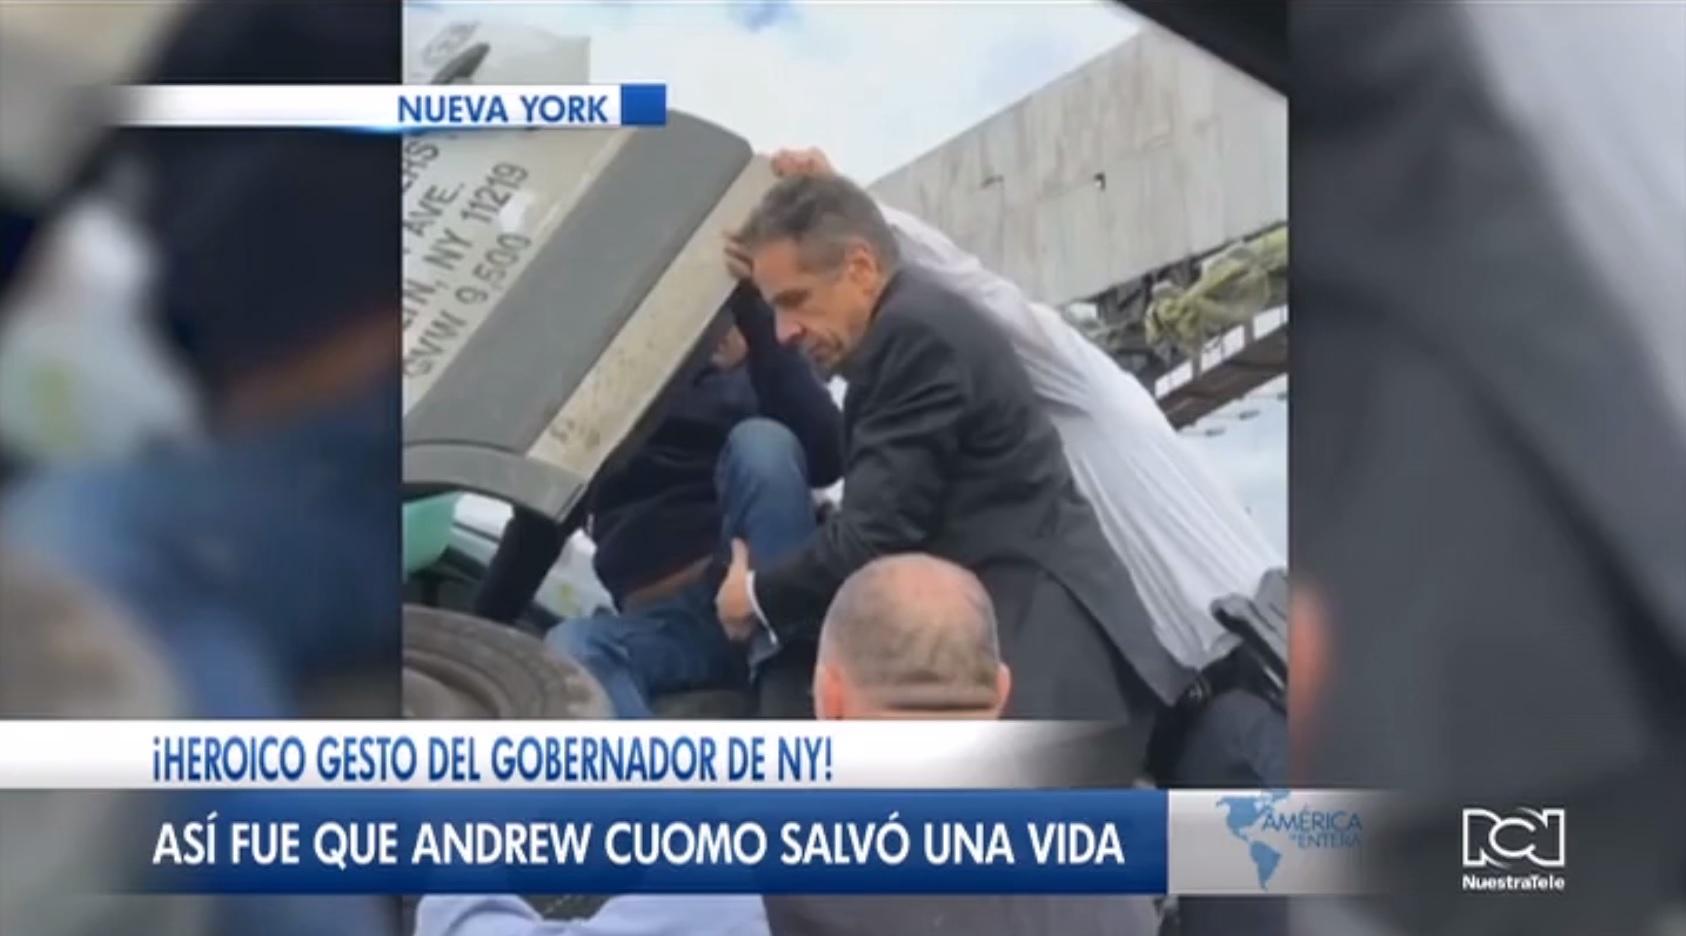 Gobernador de Nueva York rescata a un conductor atrapado en un camión tras sufrir un accidente automovilístico